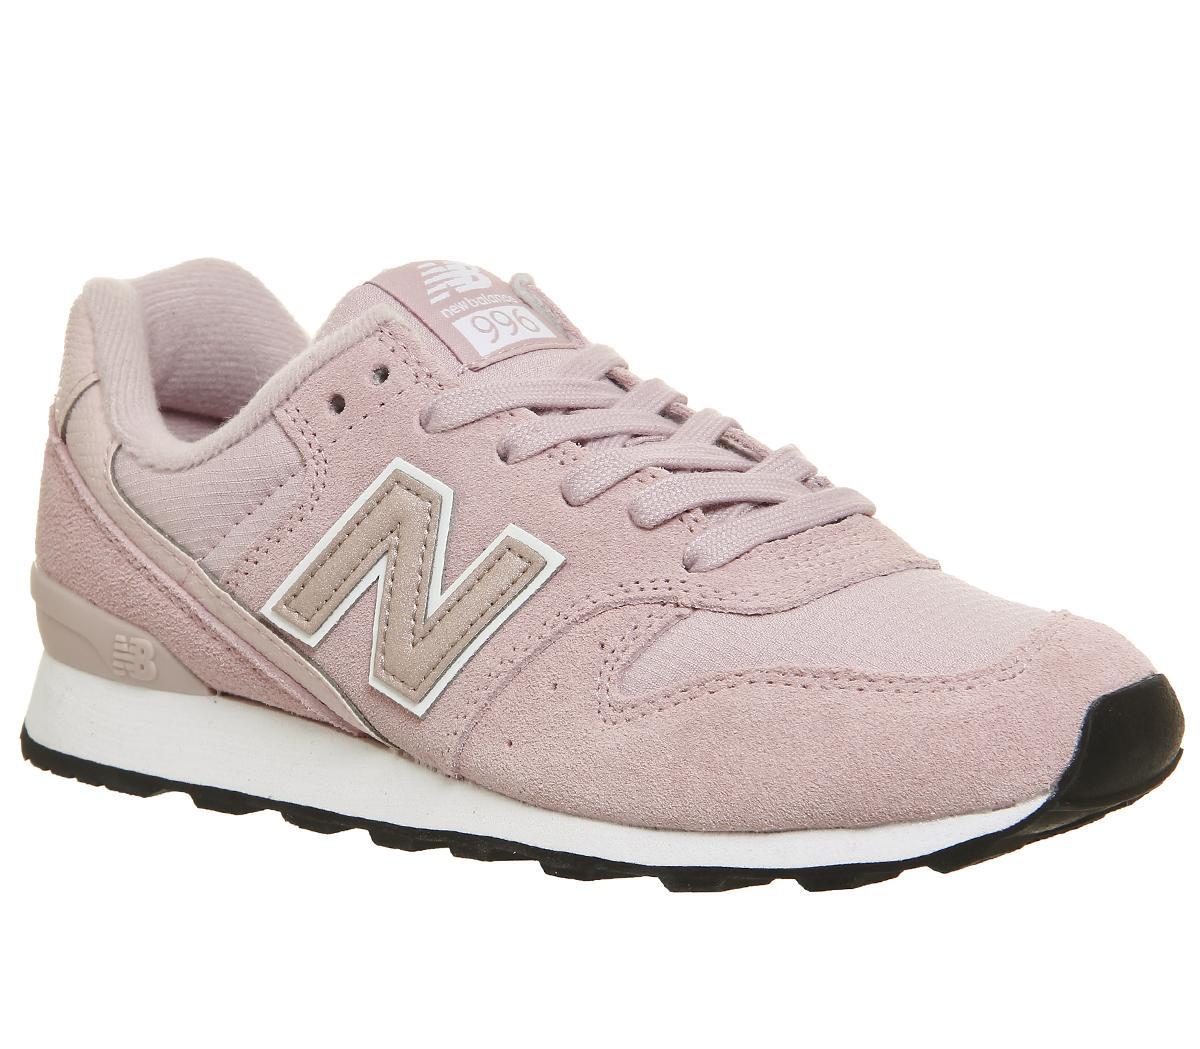 New Balance Wr996 Pink New - Sneaker damen